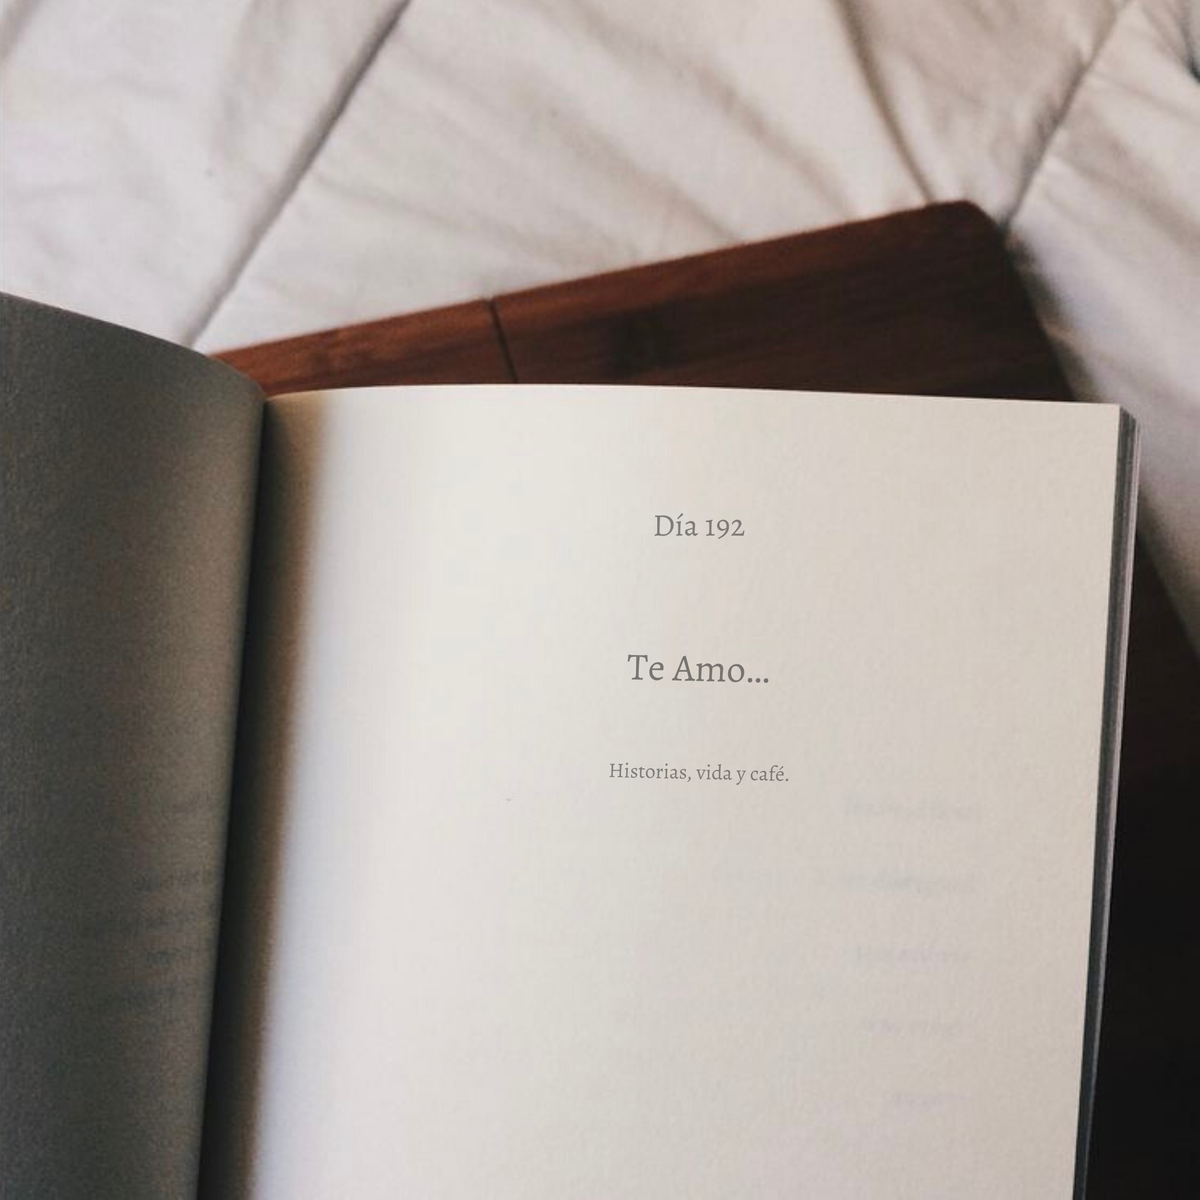 Día 192.  . .  ¡Te reto a leer mi libro! Enlace en mi perfil. .⠀ .⠀ #366PensandoEnTi #frases  #historiasvidaycafe #Leer #escritor #poemas #Libro #café #Panamá #poema #citasdeamor #leoycomparto #poesias #micropoesias #letrasenversos #amorleer #nochedepoemas #librodepoesiapic.twitter.com/jUfHDoPXaa